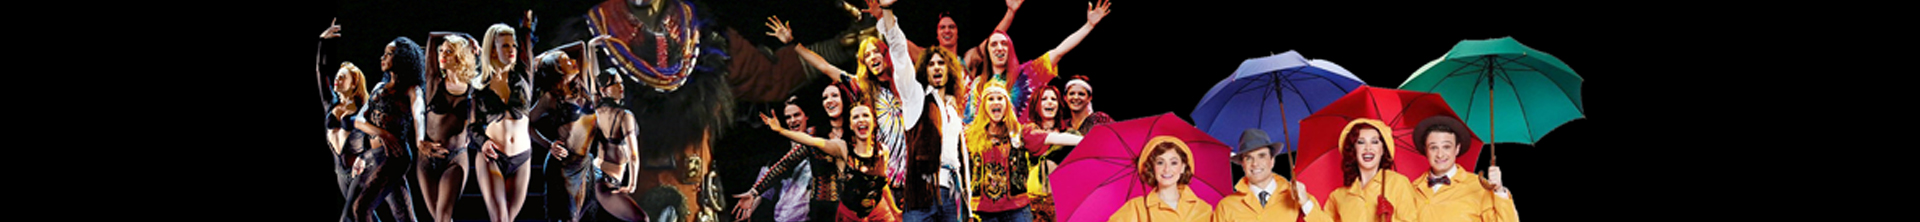 Calabar – Oficina de Teatro Musical Cesgranrio